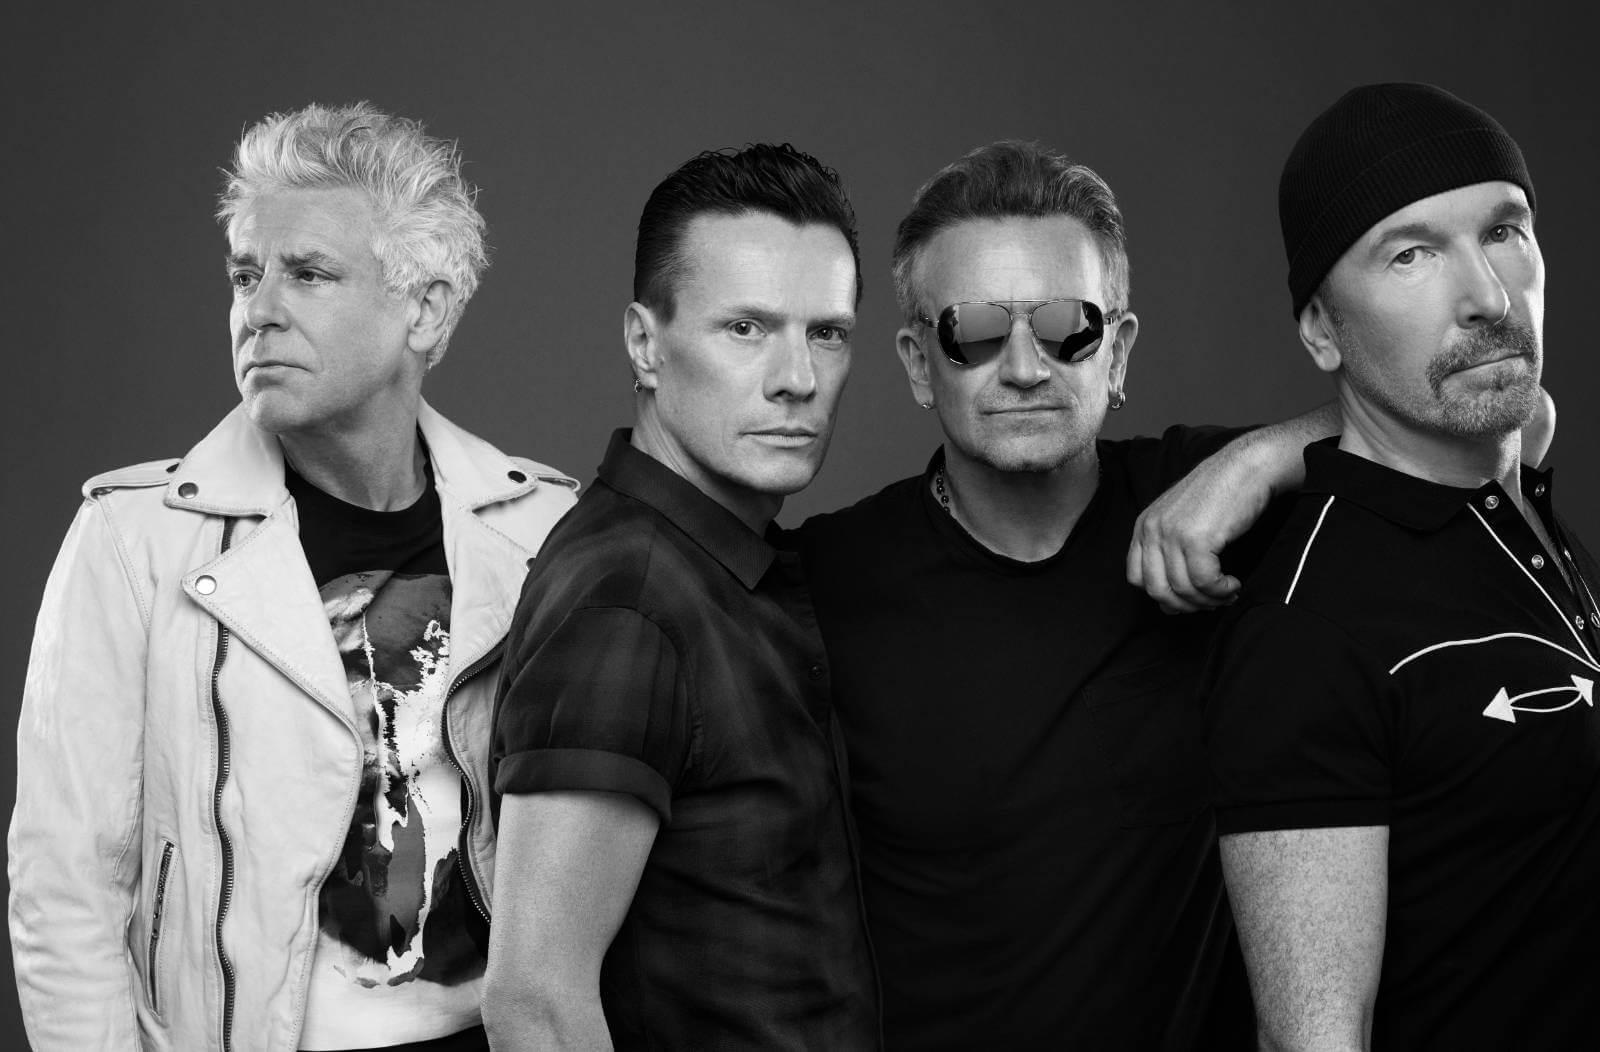 u2fanlife-U2.jpg